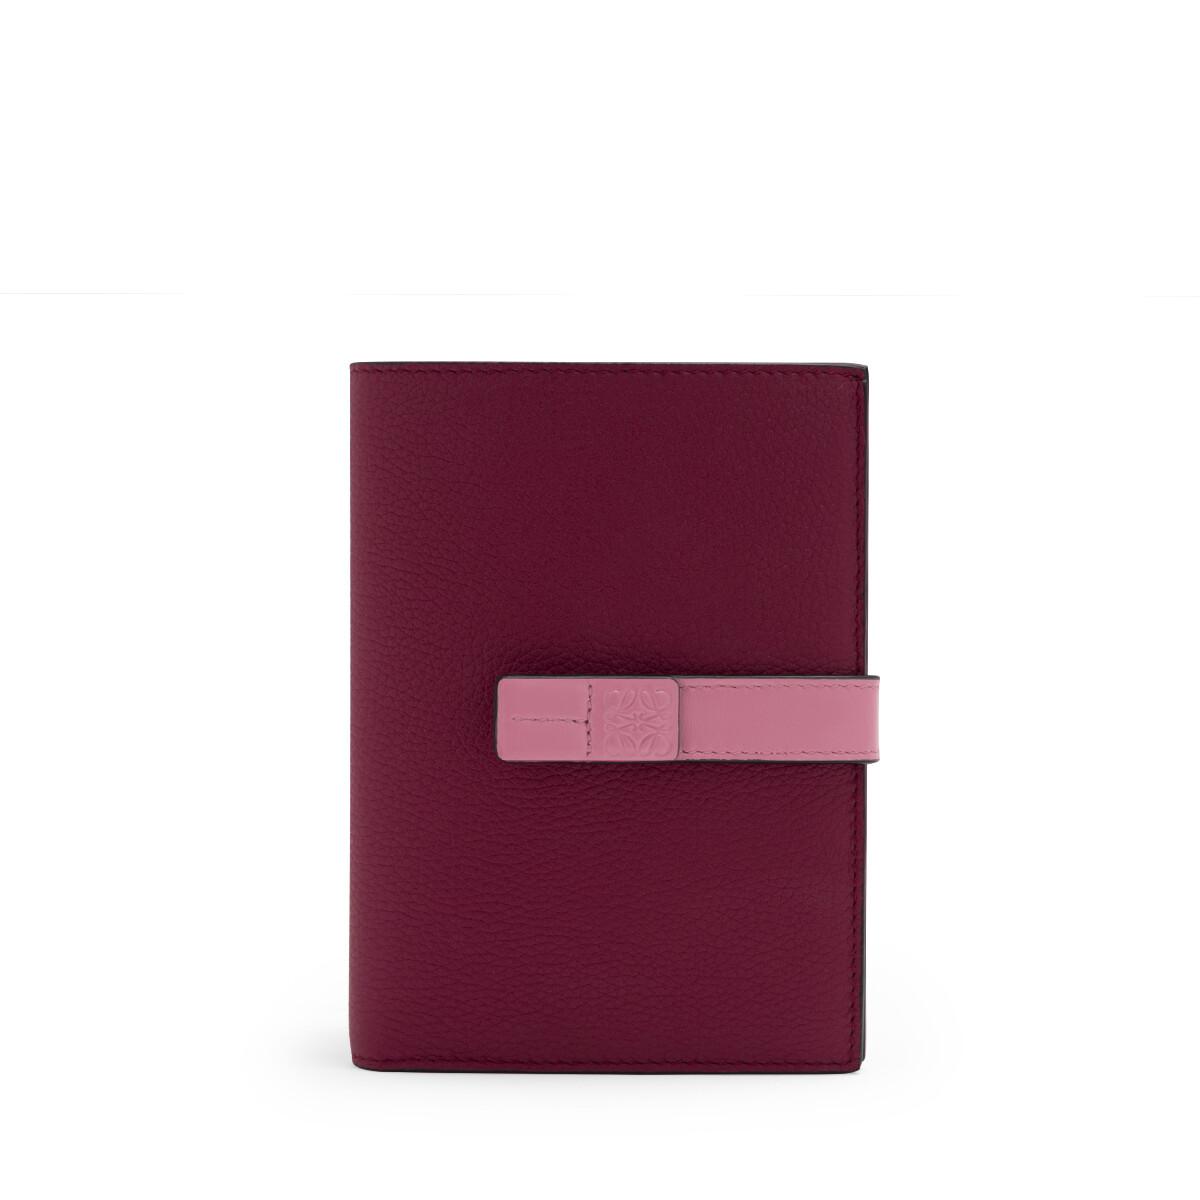 LOEWE Medium Vertical Wallet Wild Rose/Raspberry front